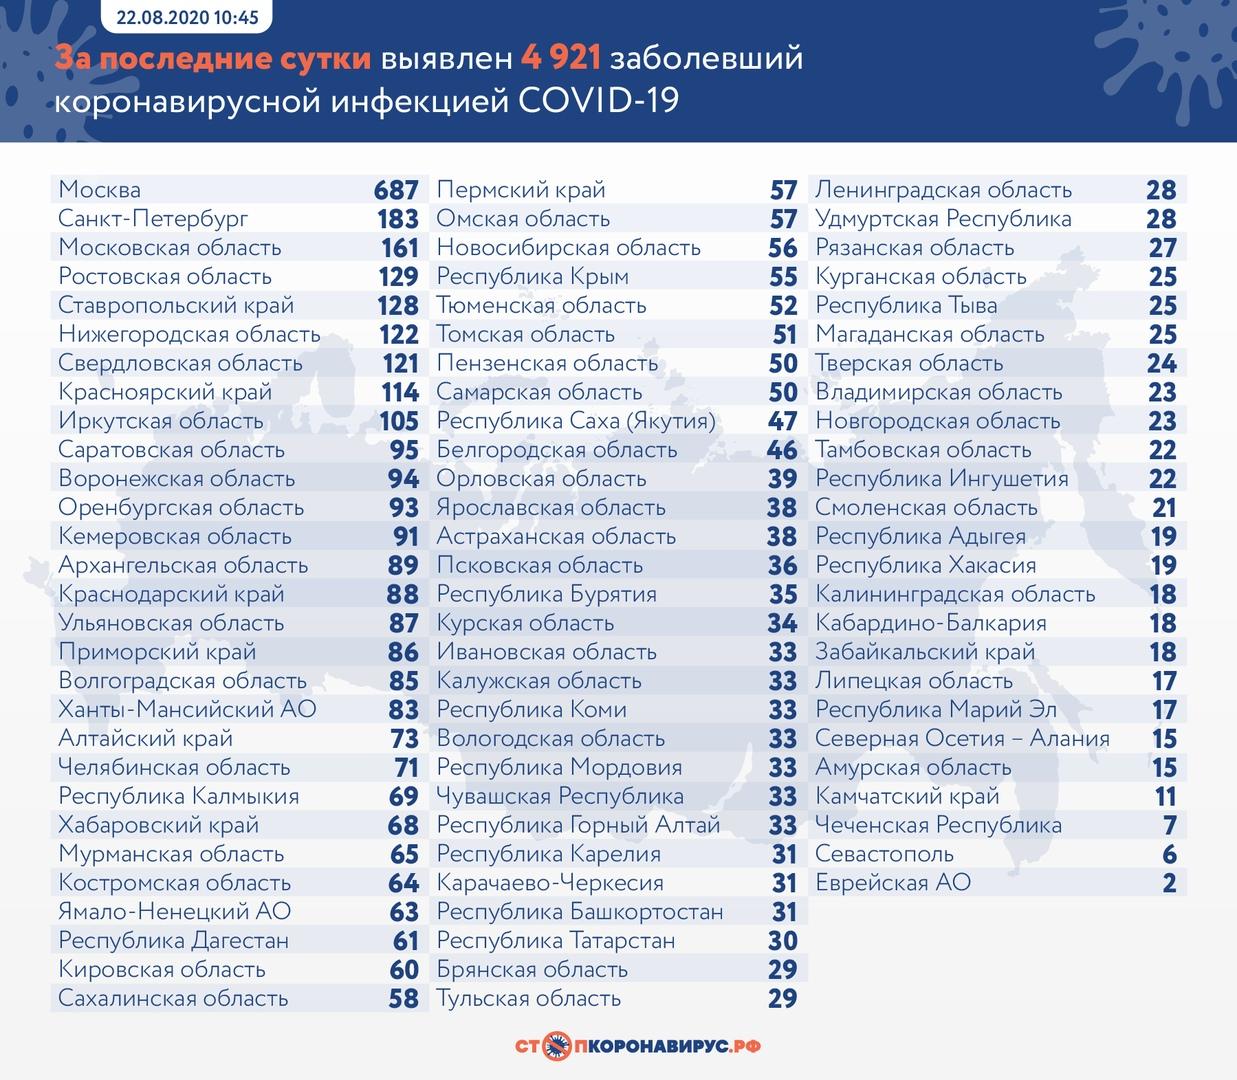 В Самарской области за сутки выявлено 50 новых случаев коронавируса